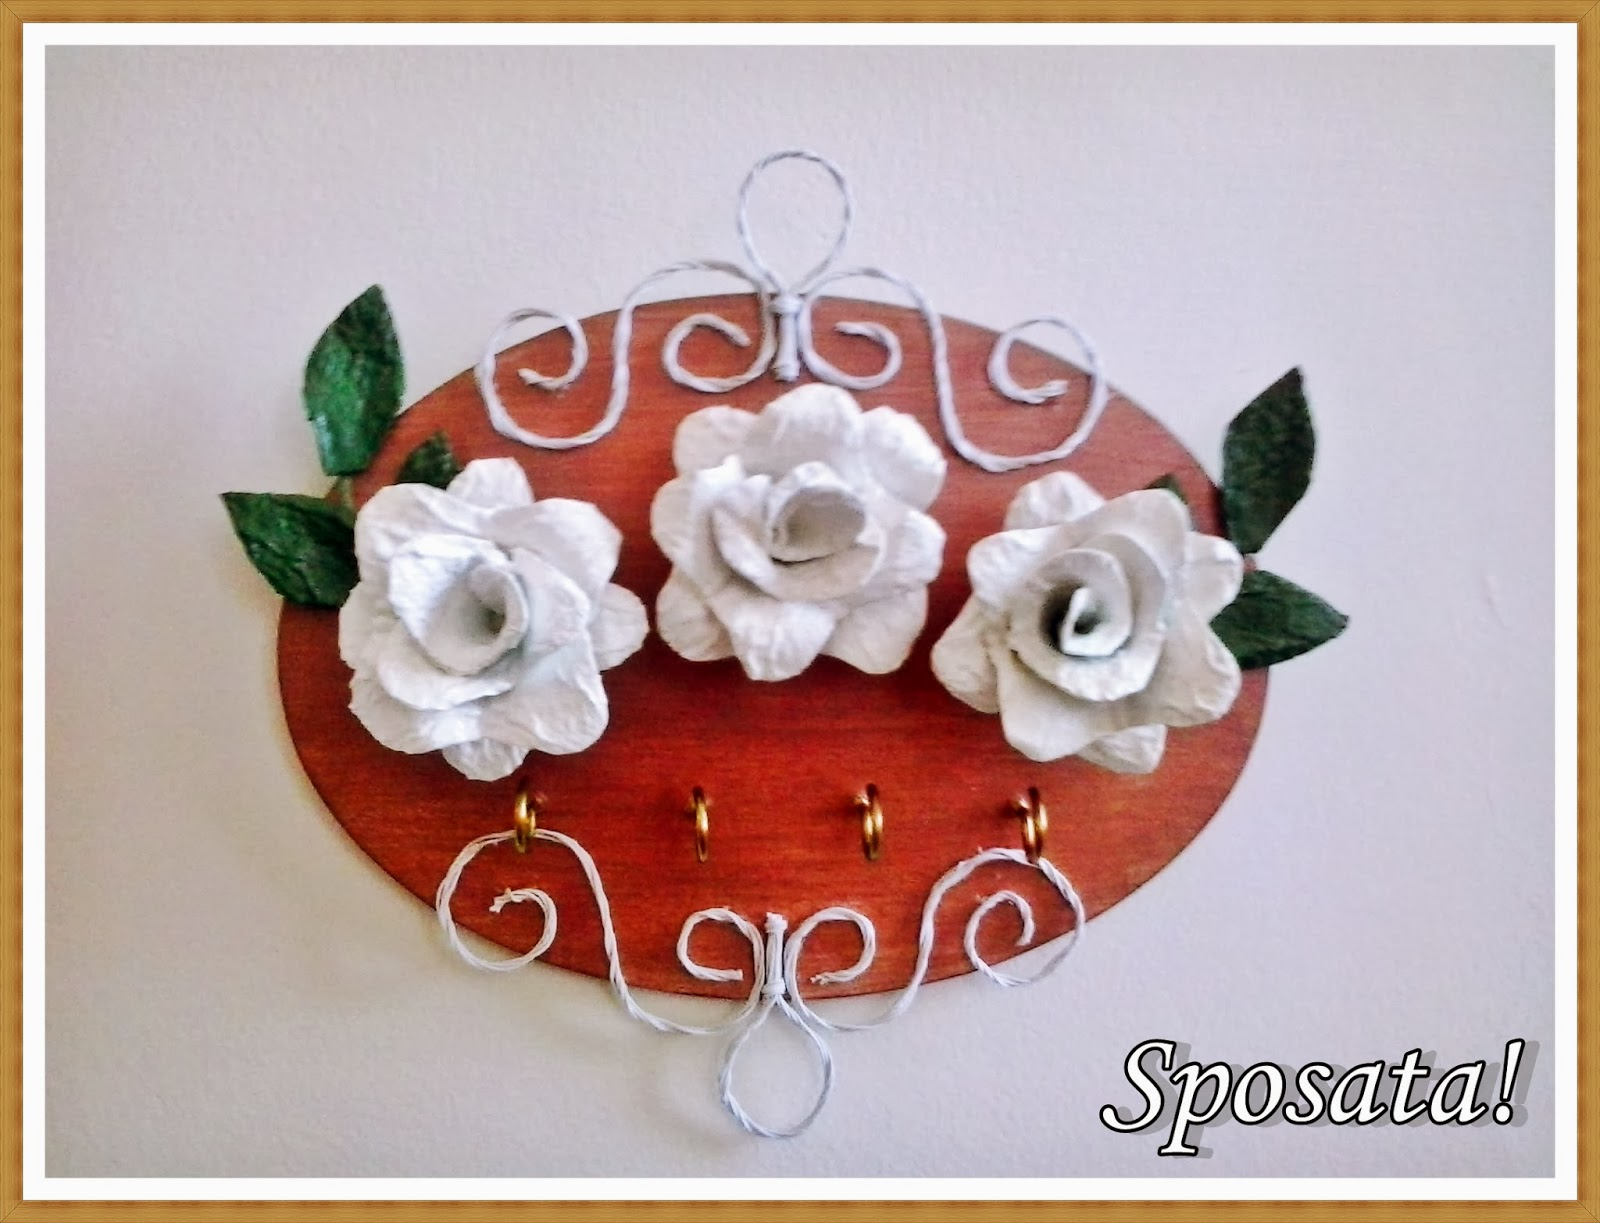 !: Ideias DIY Porta chaves decorado com flores de caixa de ovos #882619 1600x1223